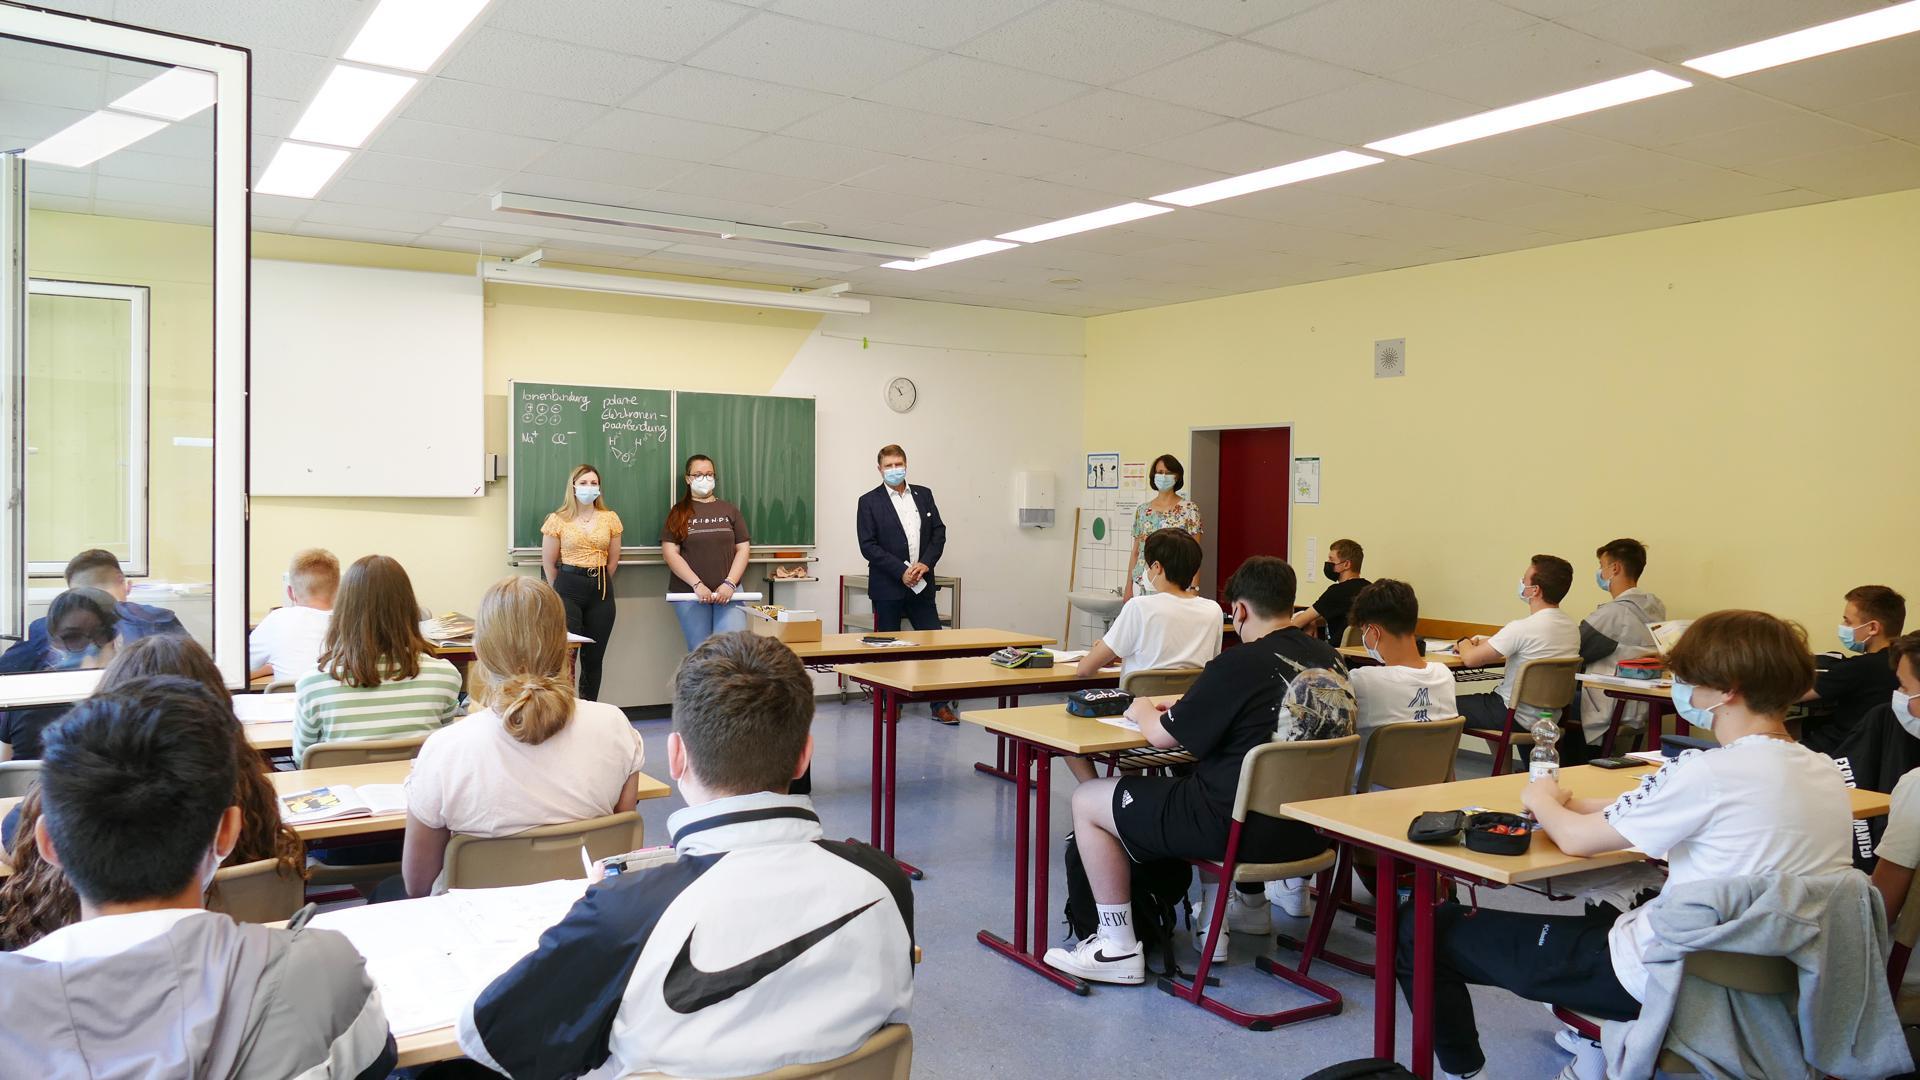 Jugendgemeinderäte und Oberbürgermeister Martin Wolff besuchen eine Schulklasse.